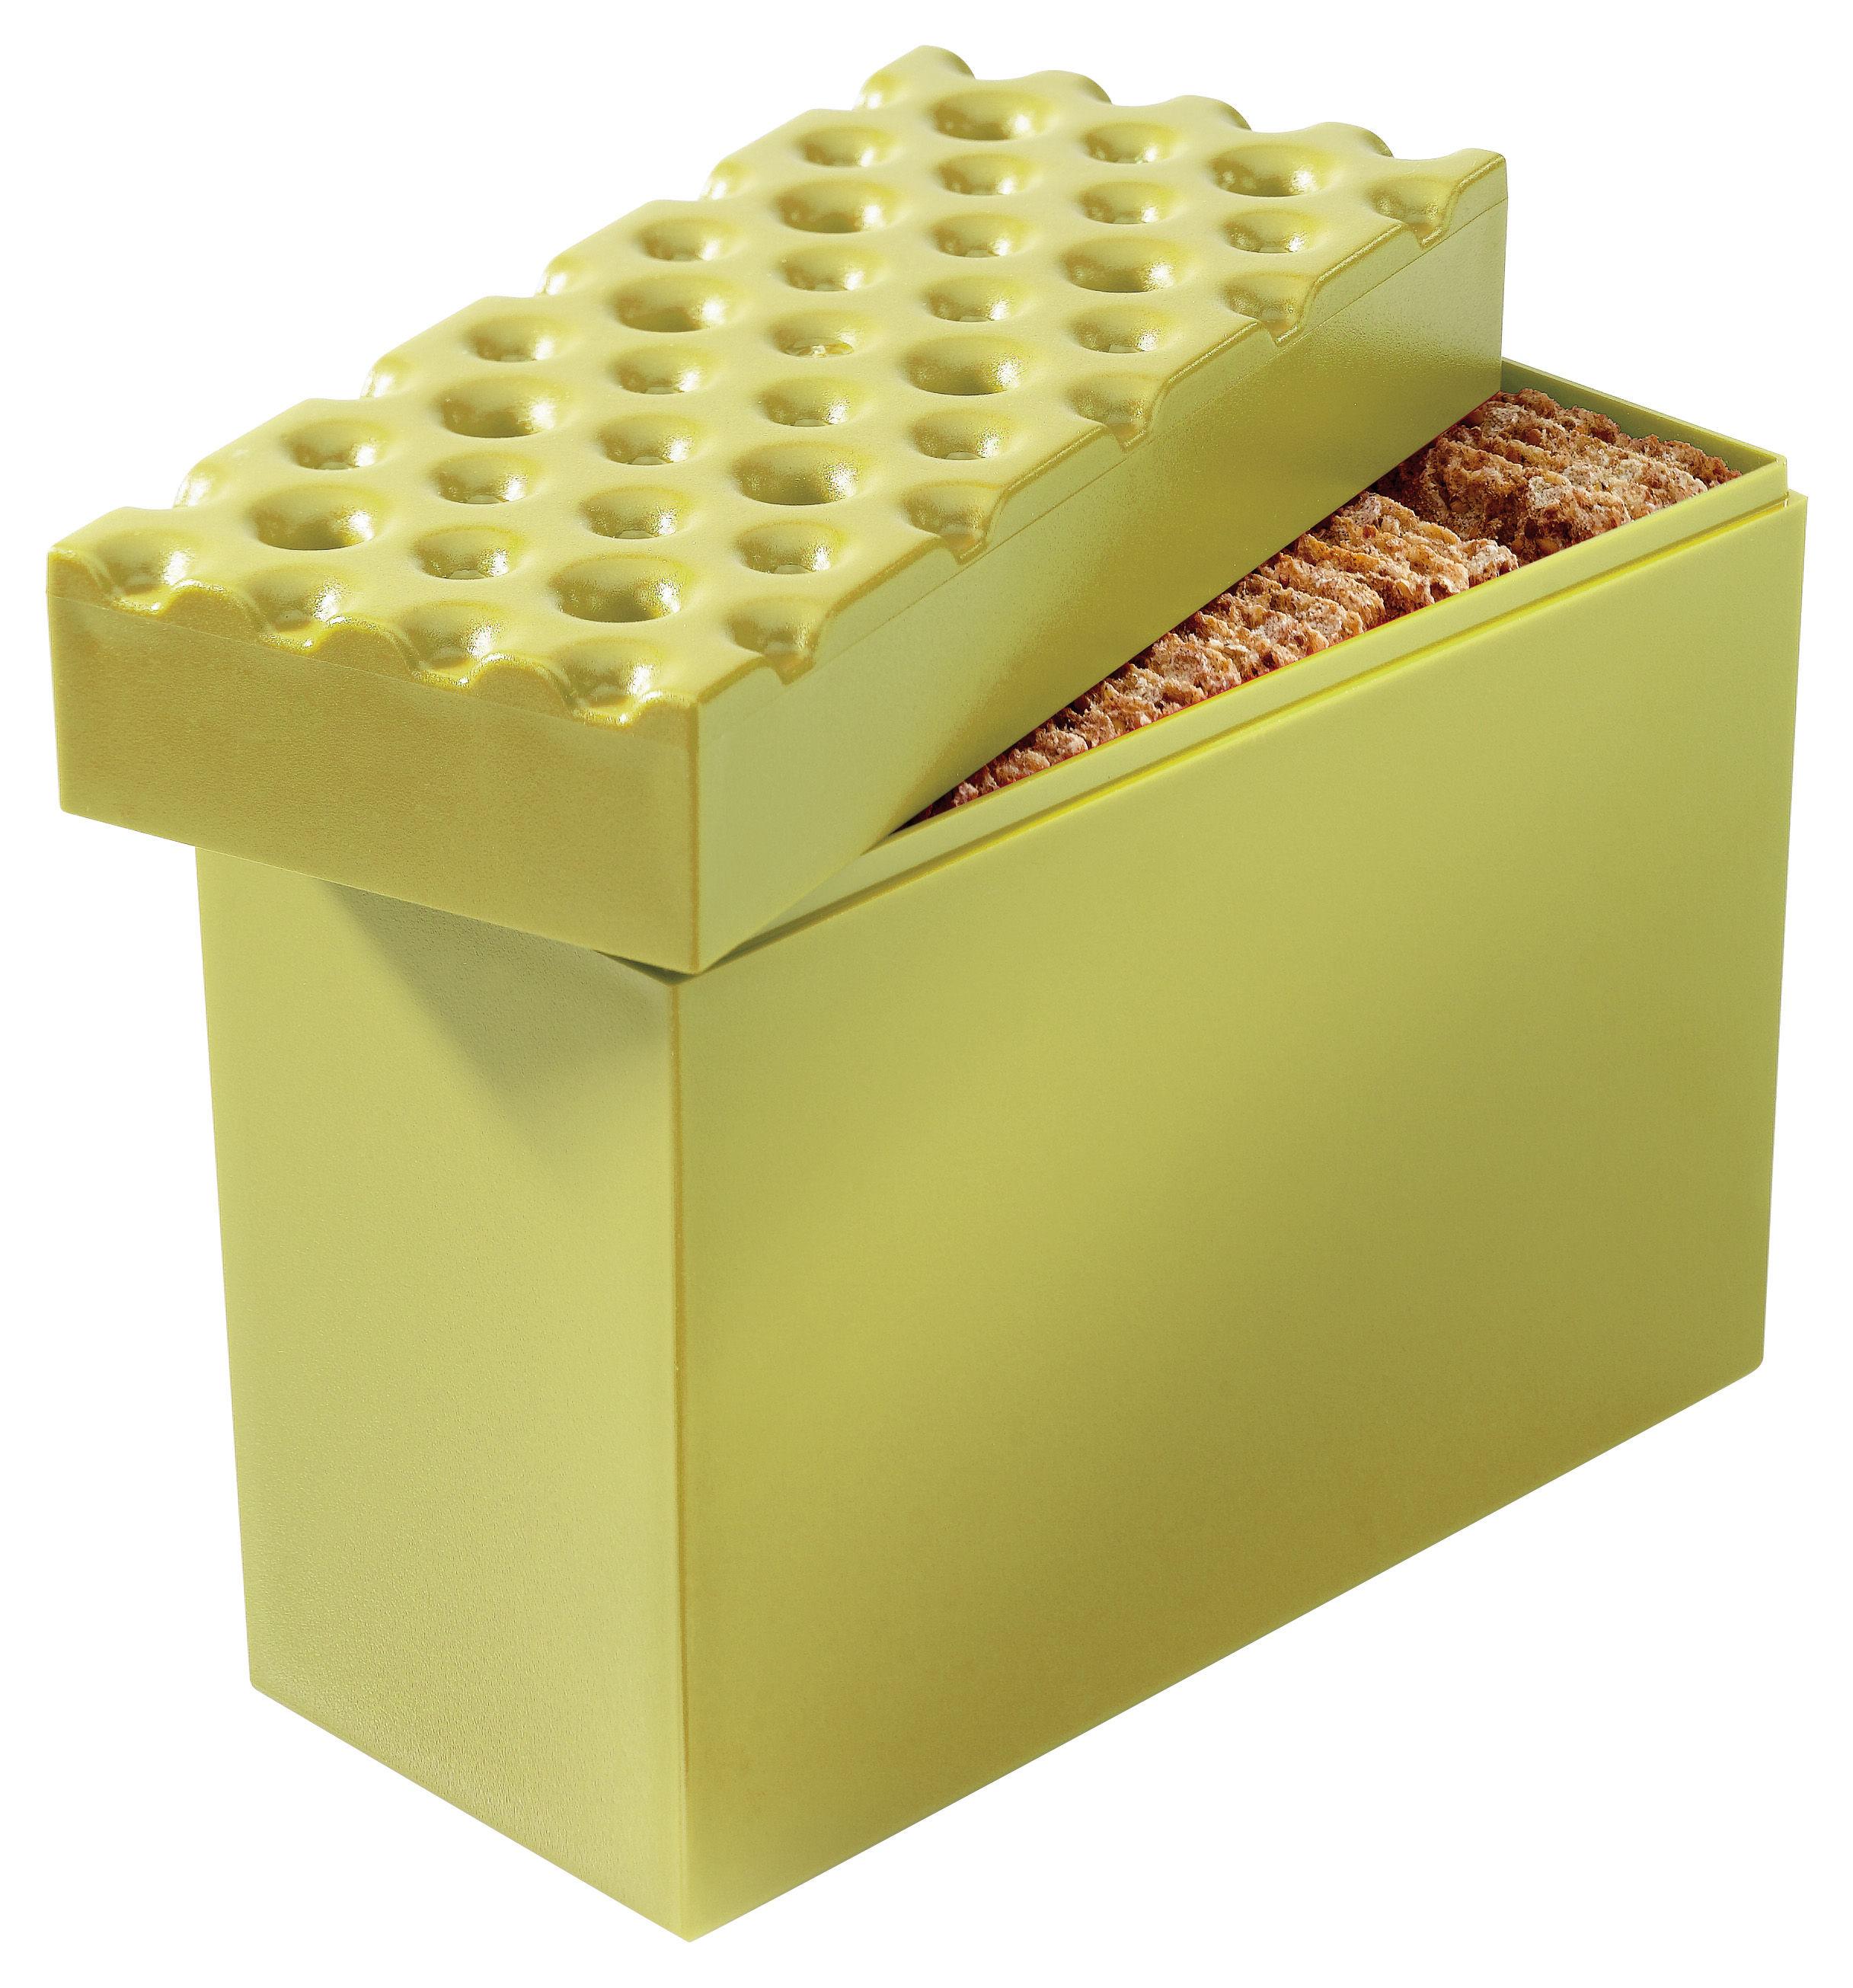 Arts de la table - Boites et pots - Boîte hermétique Brod pour biscuits - Koziol - Vert moutarde - Plastique